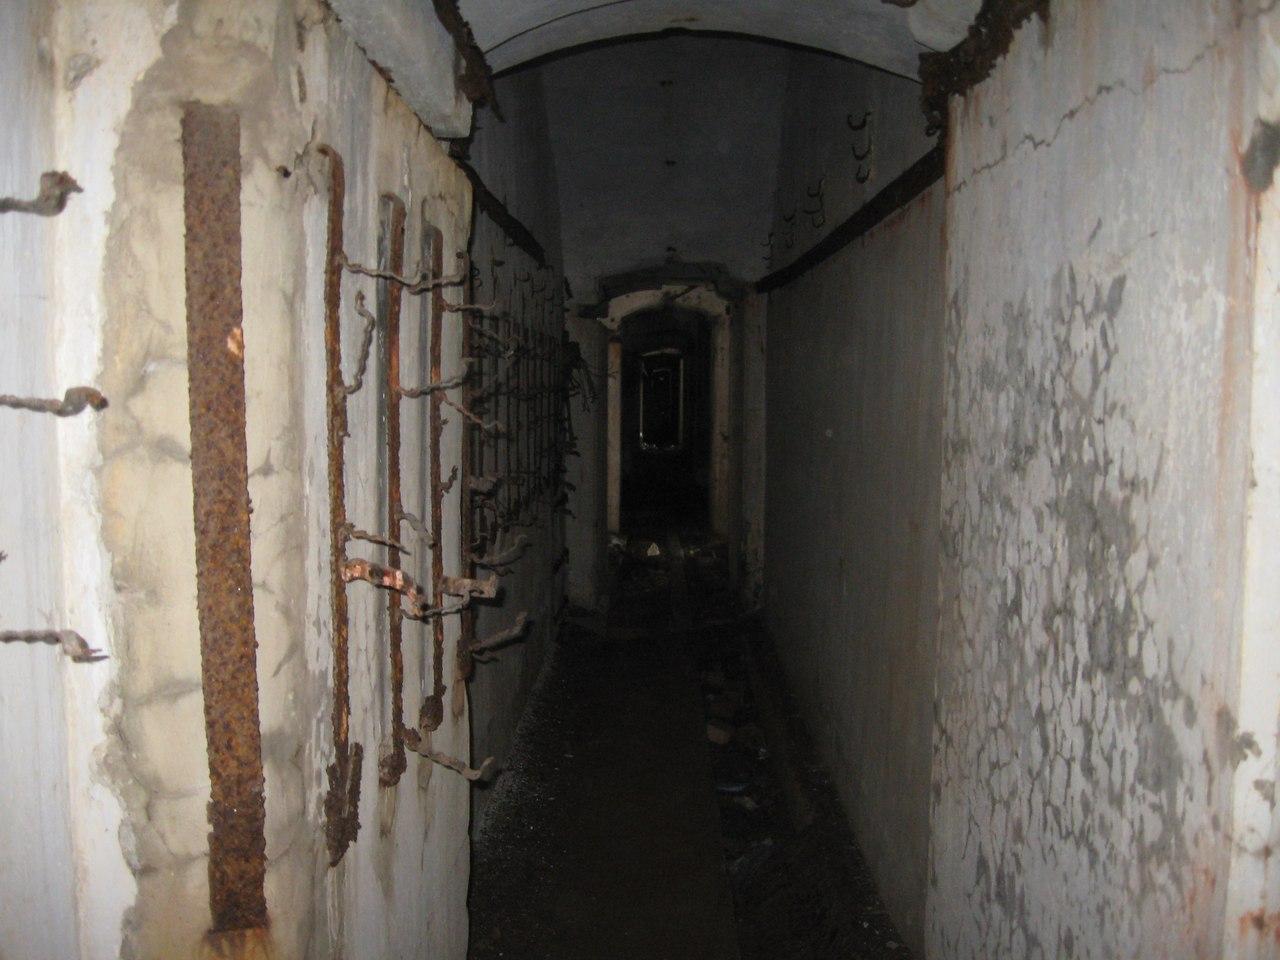 Ледовый поход на гигантский форт Обручев. Часть 1. По темным коридорам внутри форта.